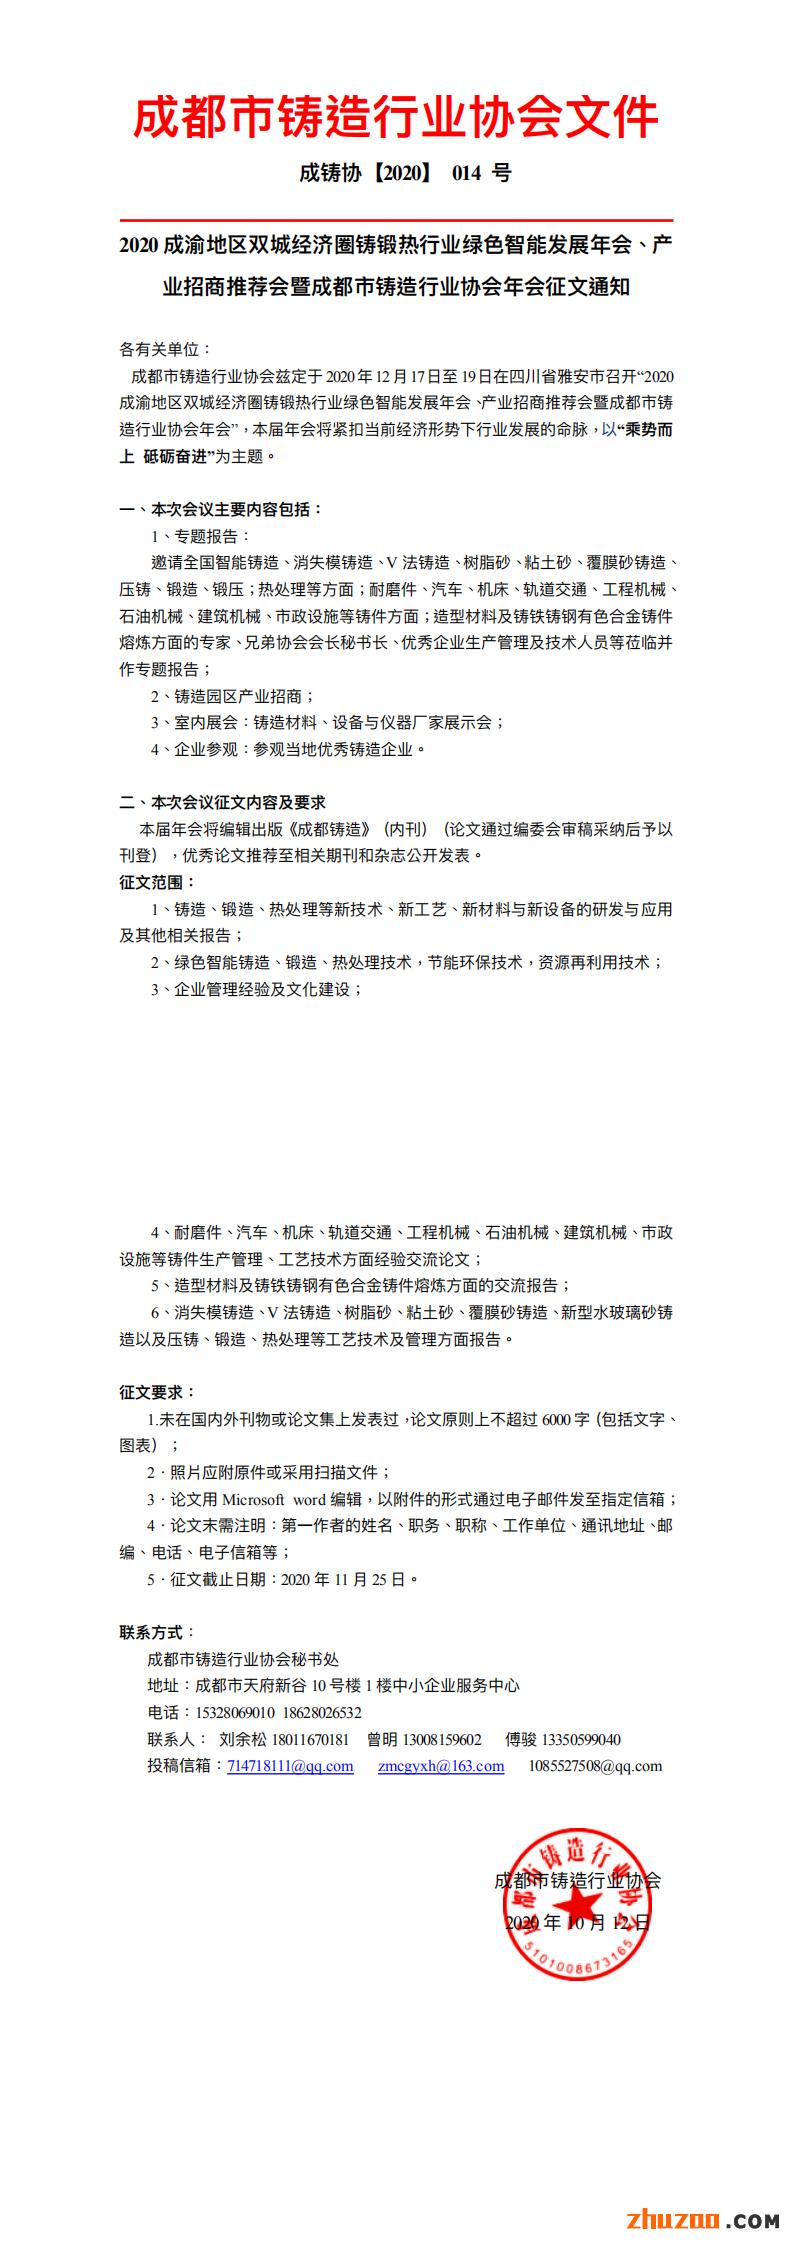 2020成都市铸造行业协会年会征文通知_0